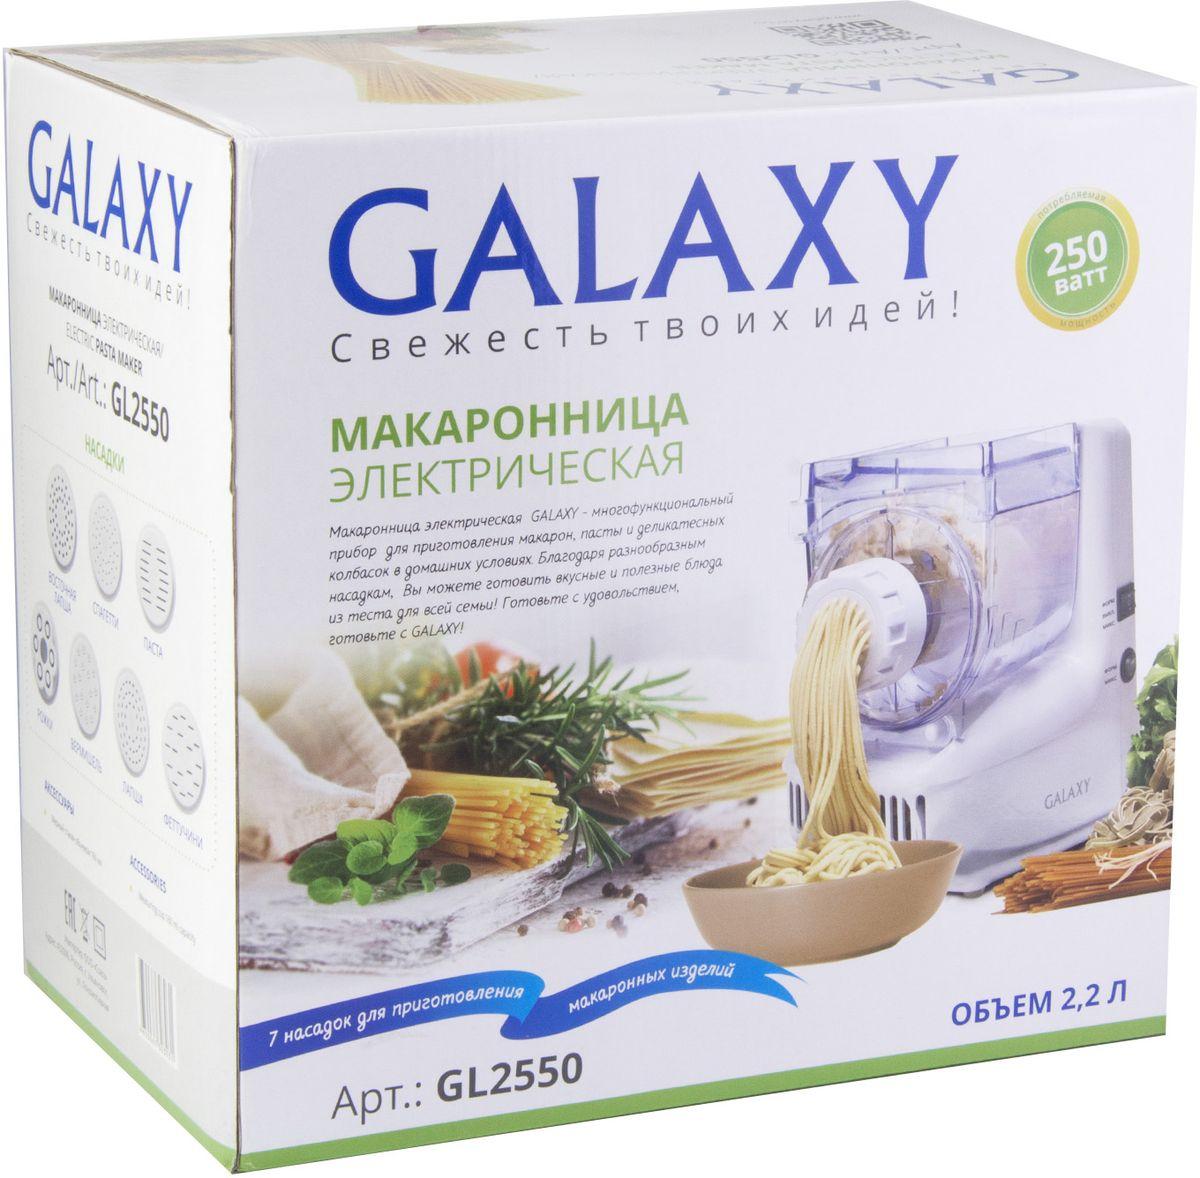 Паста-машина Galaxy GL 2550, White Galaxy